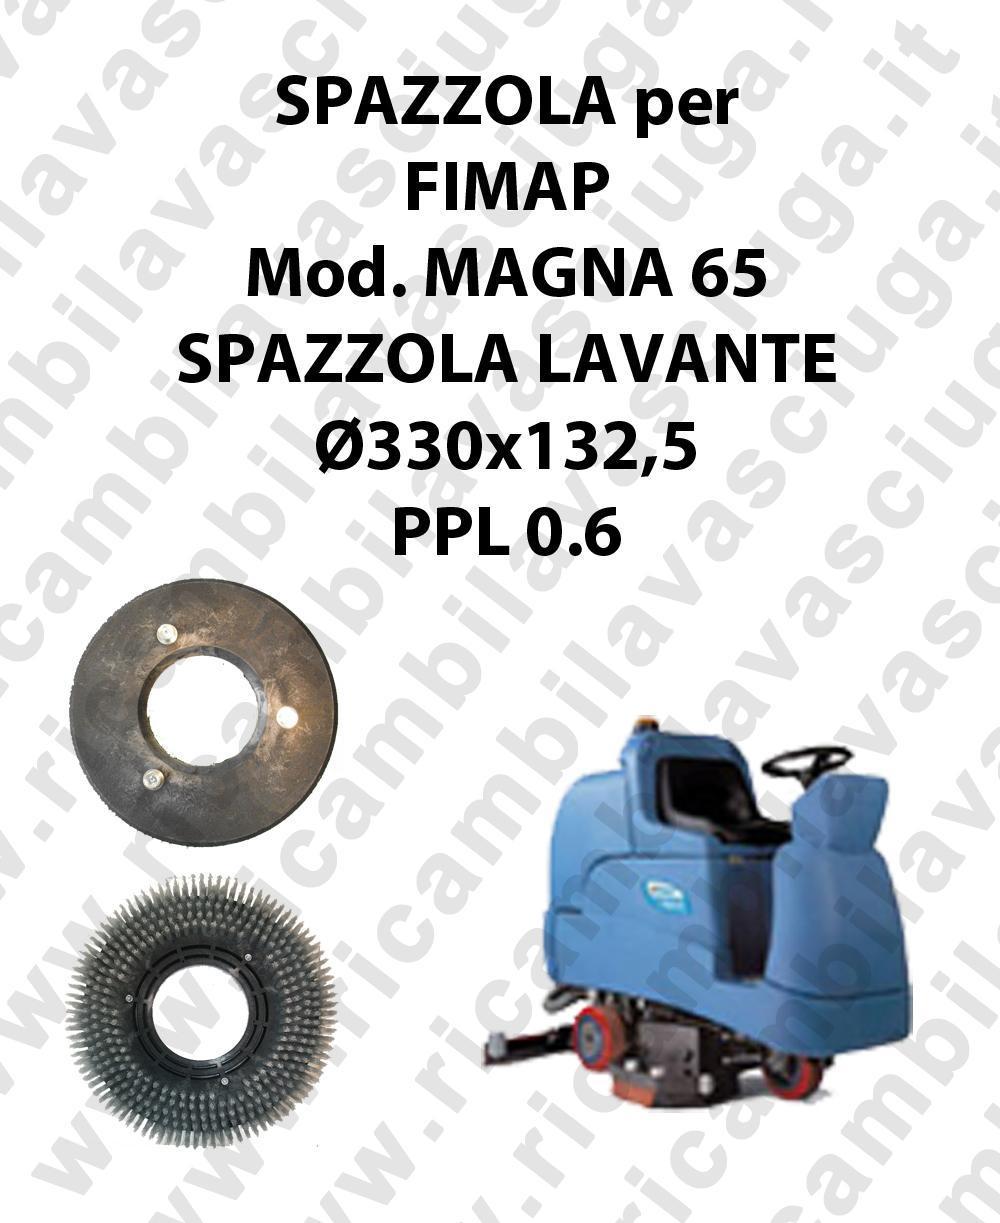 BROSSE A LAVER pour autolaveuses FIMAP Reference MAGNA 65 diamétre  330 x 132.5 PPL 0.6